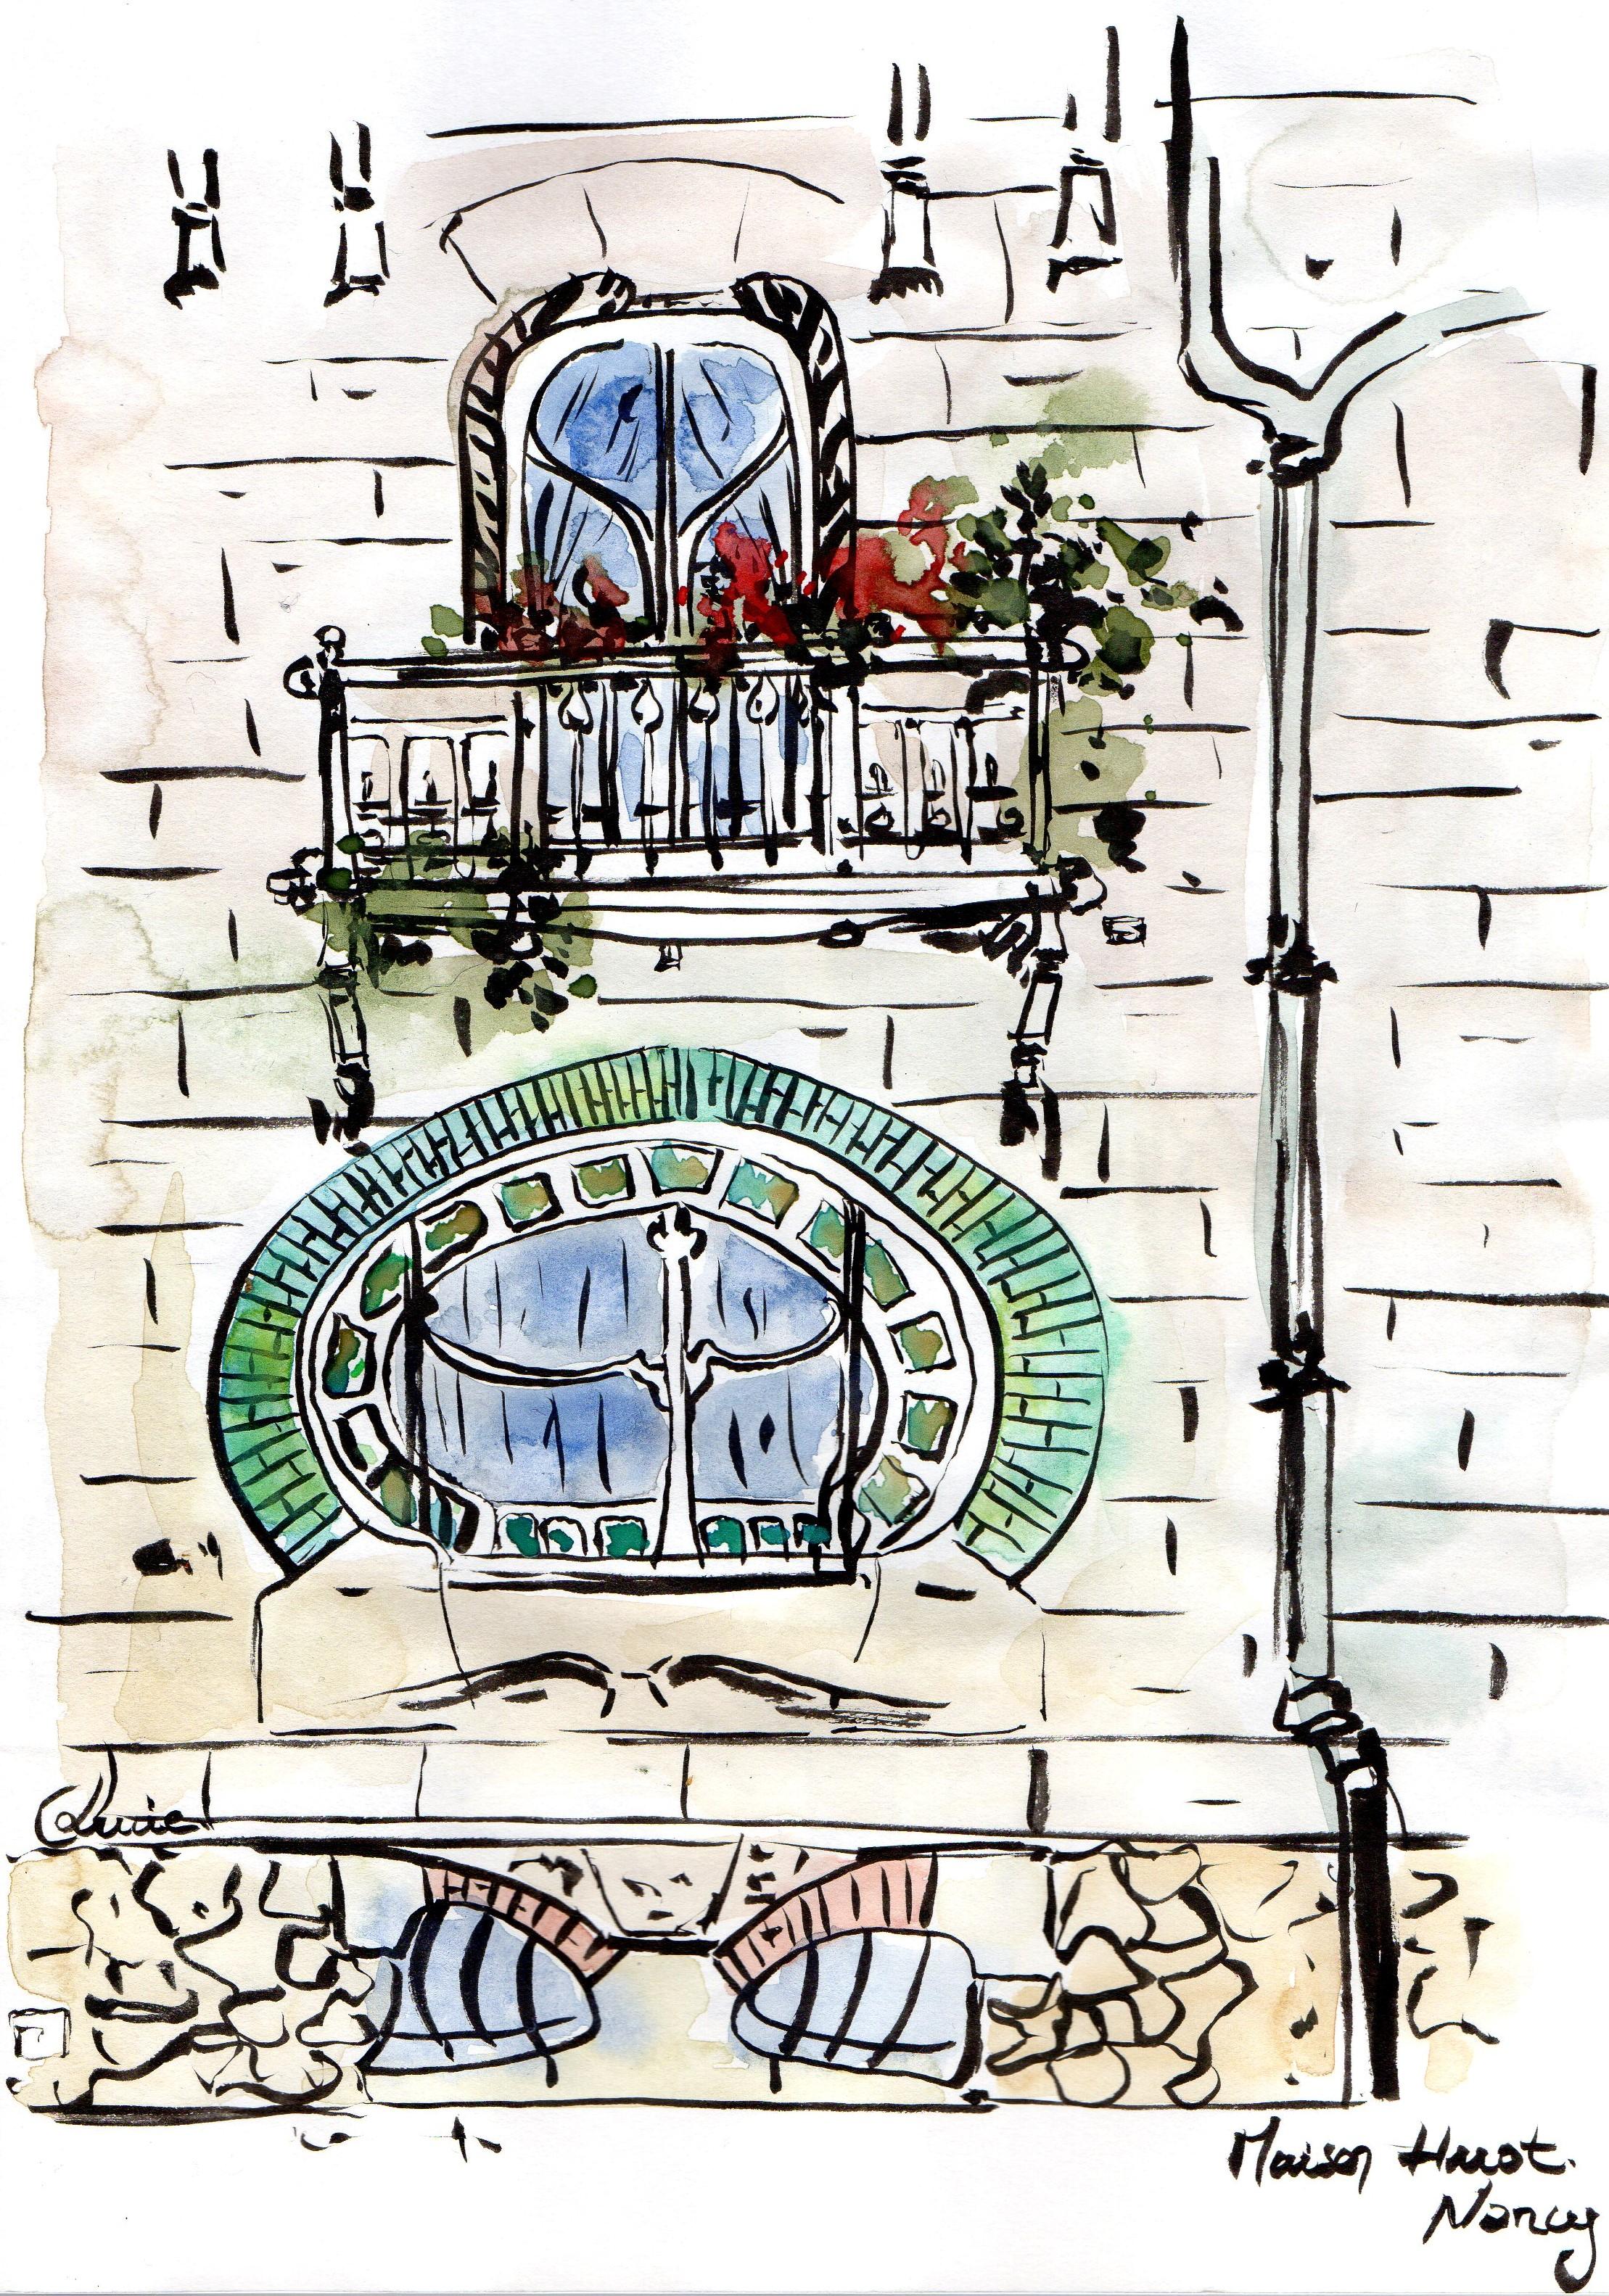 Maison Huot à Nancy